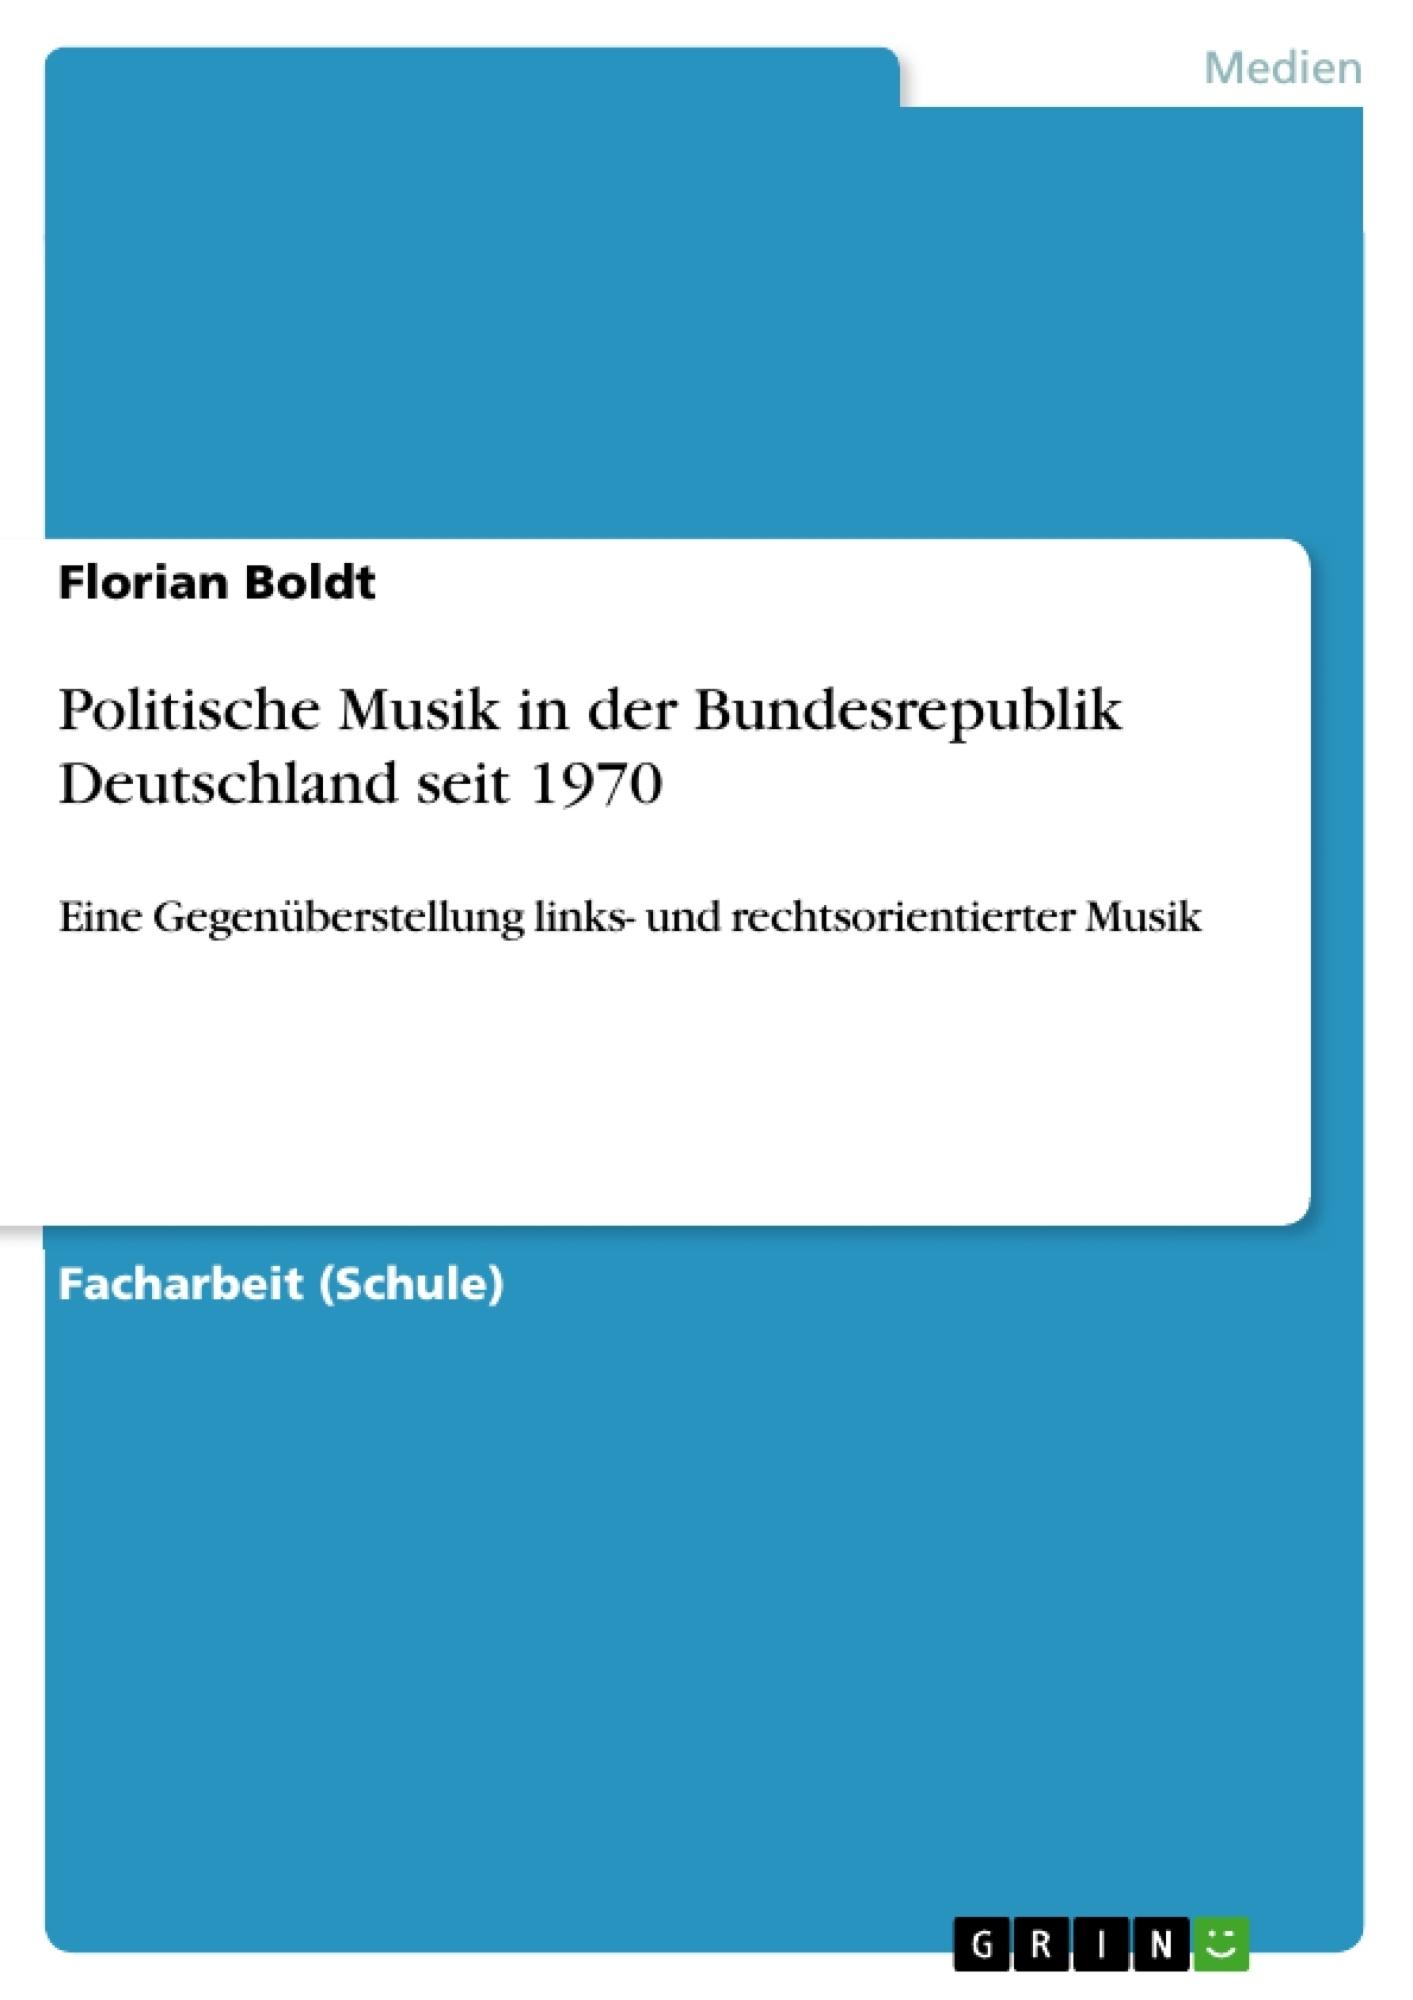 Titel: Politische Musik in der Bundesrepublik Deutschland seit 1970